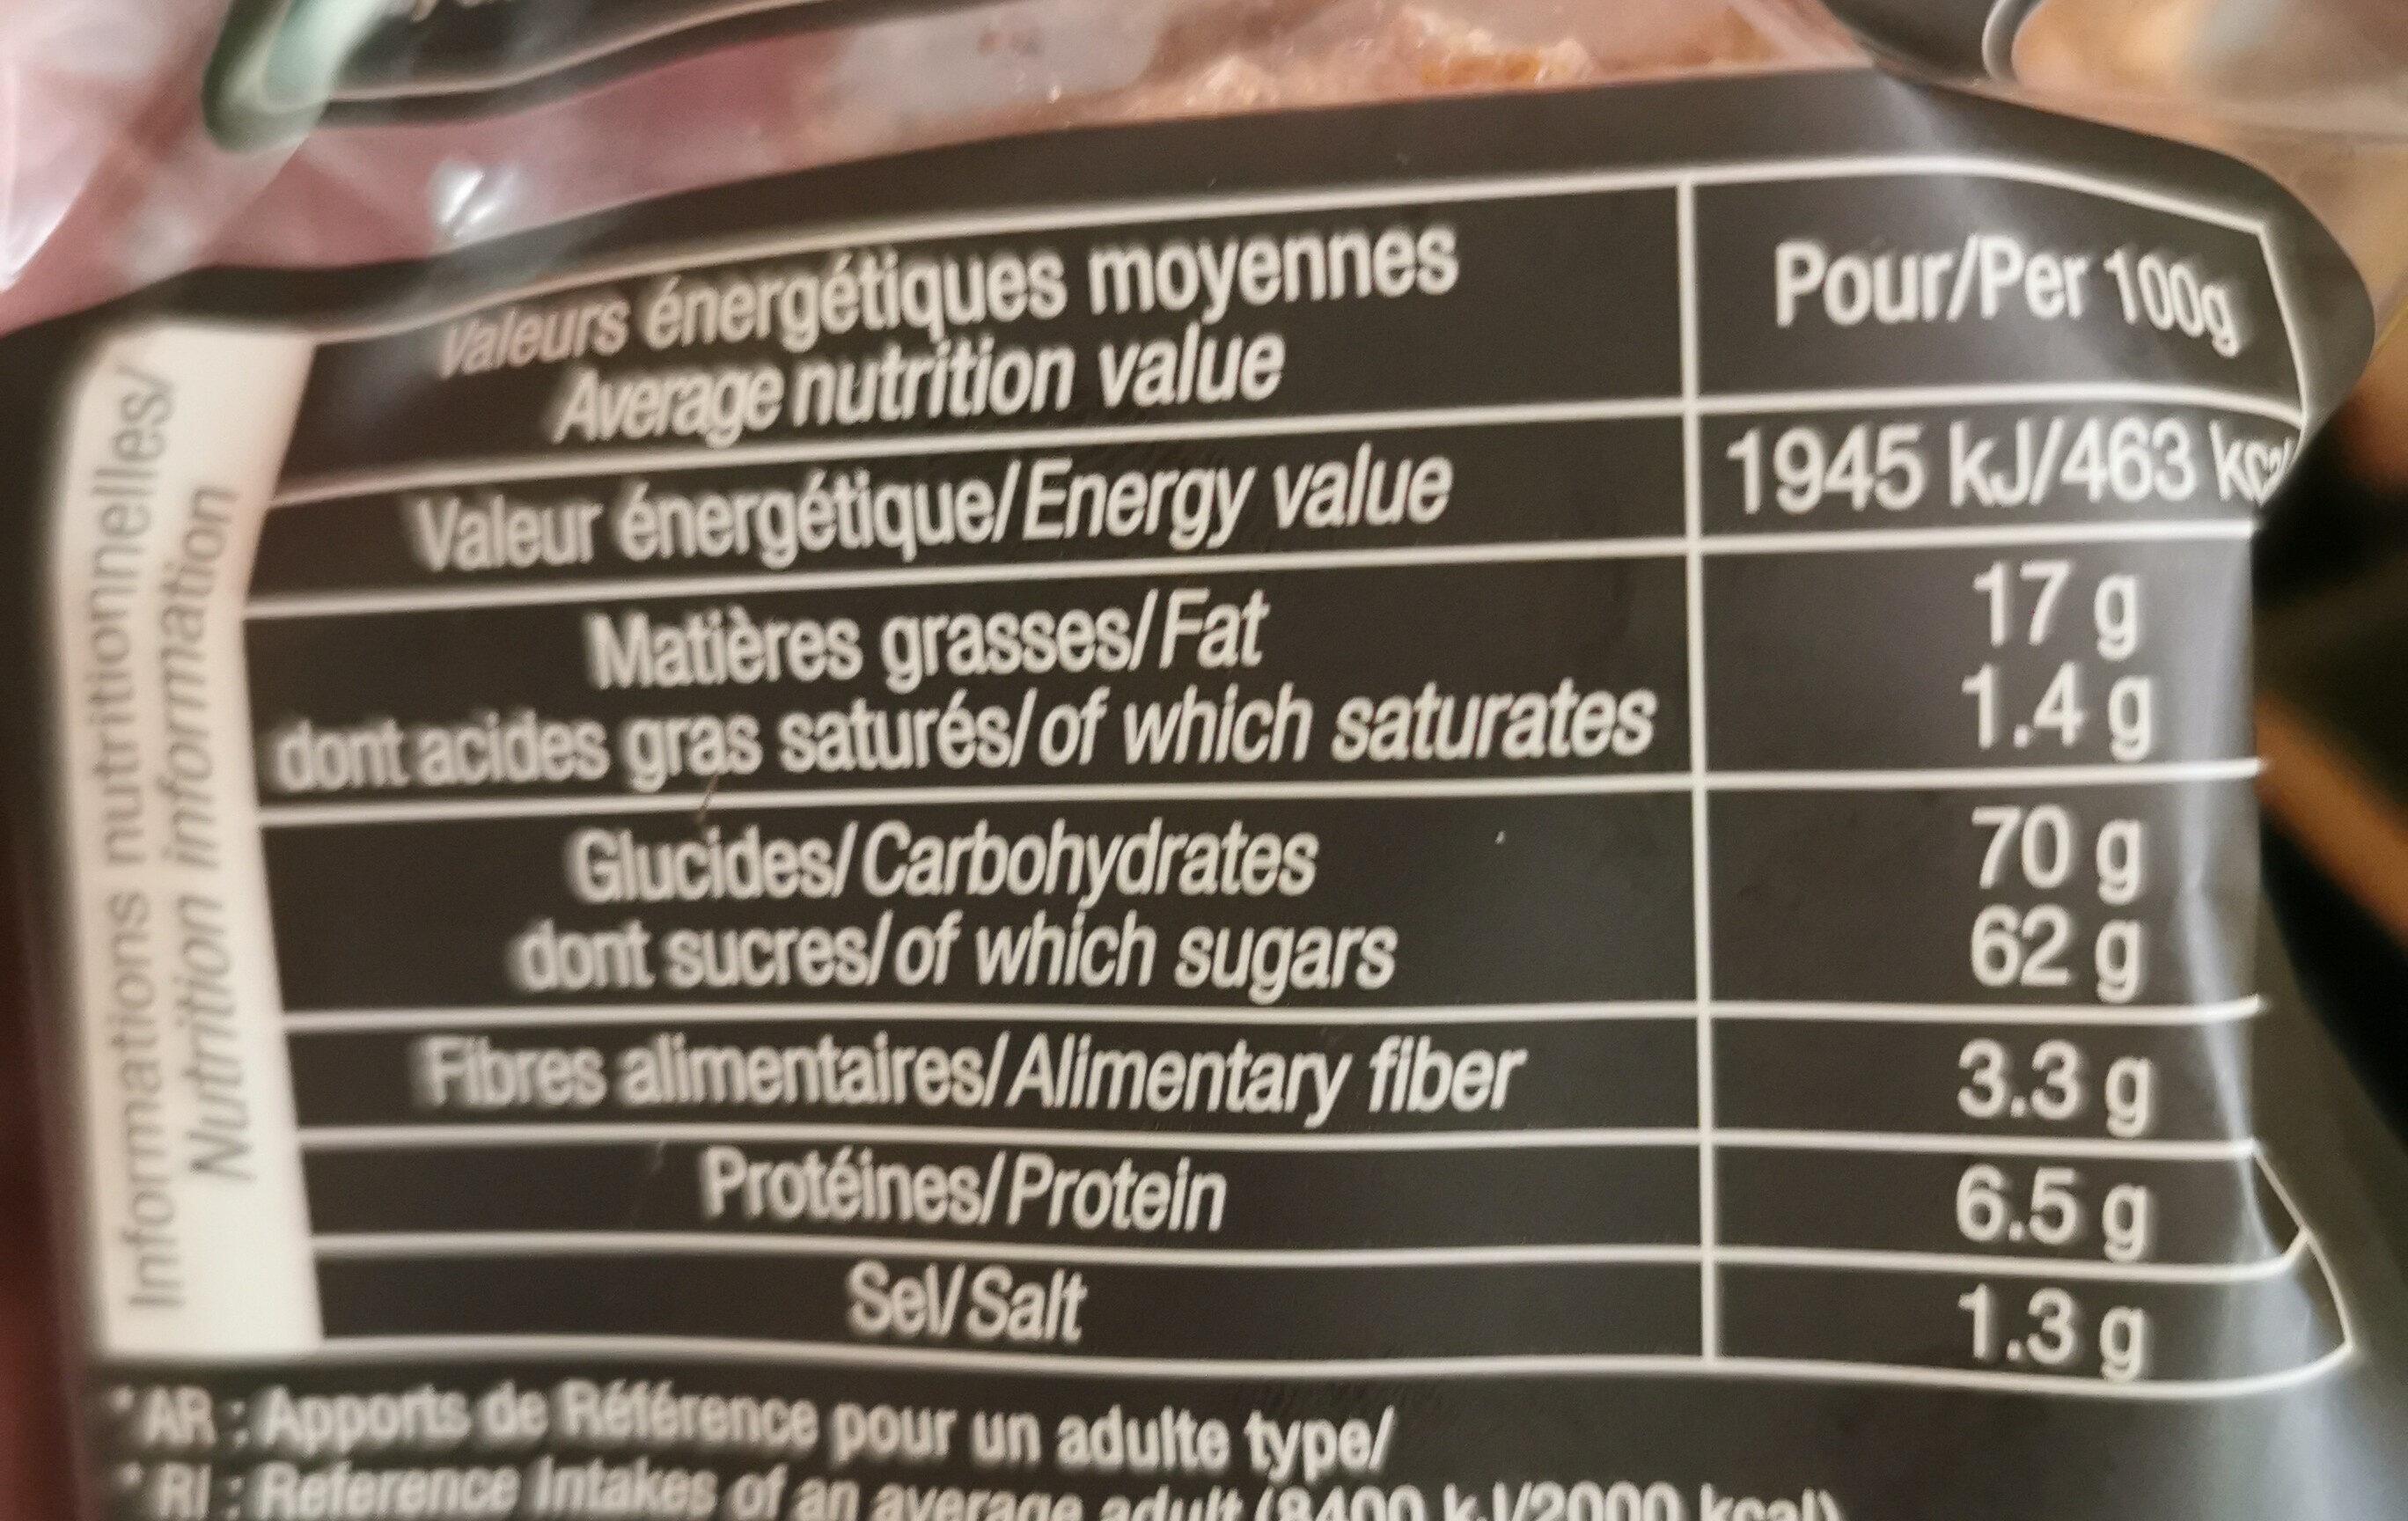 Le ptit craq - Informations nutritionnelles - fr